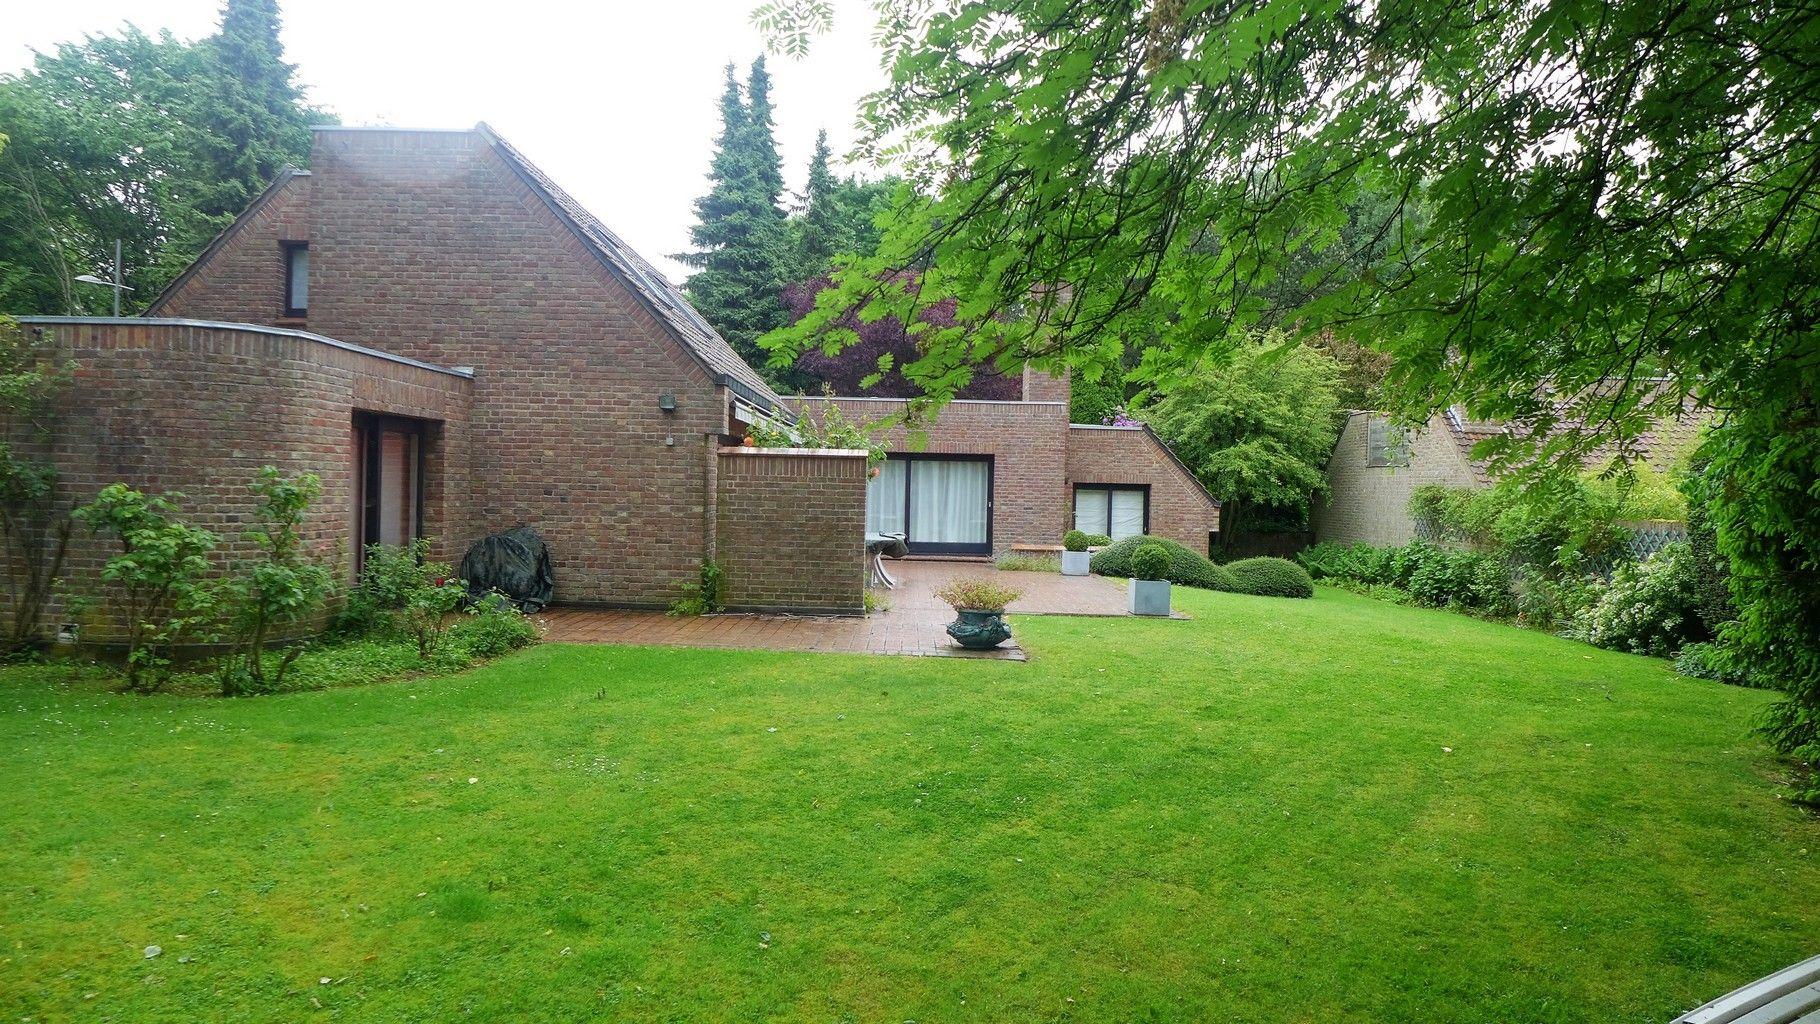 Ventes maison mouvaux hautmont semi plain pied de for Garage de la riviera villeneuve d ascq